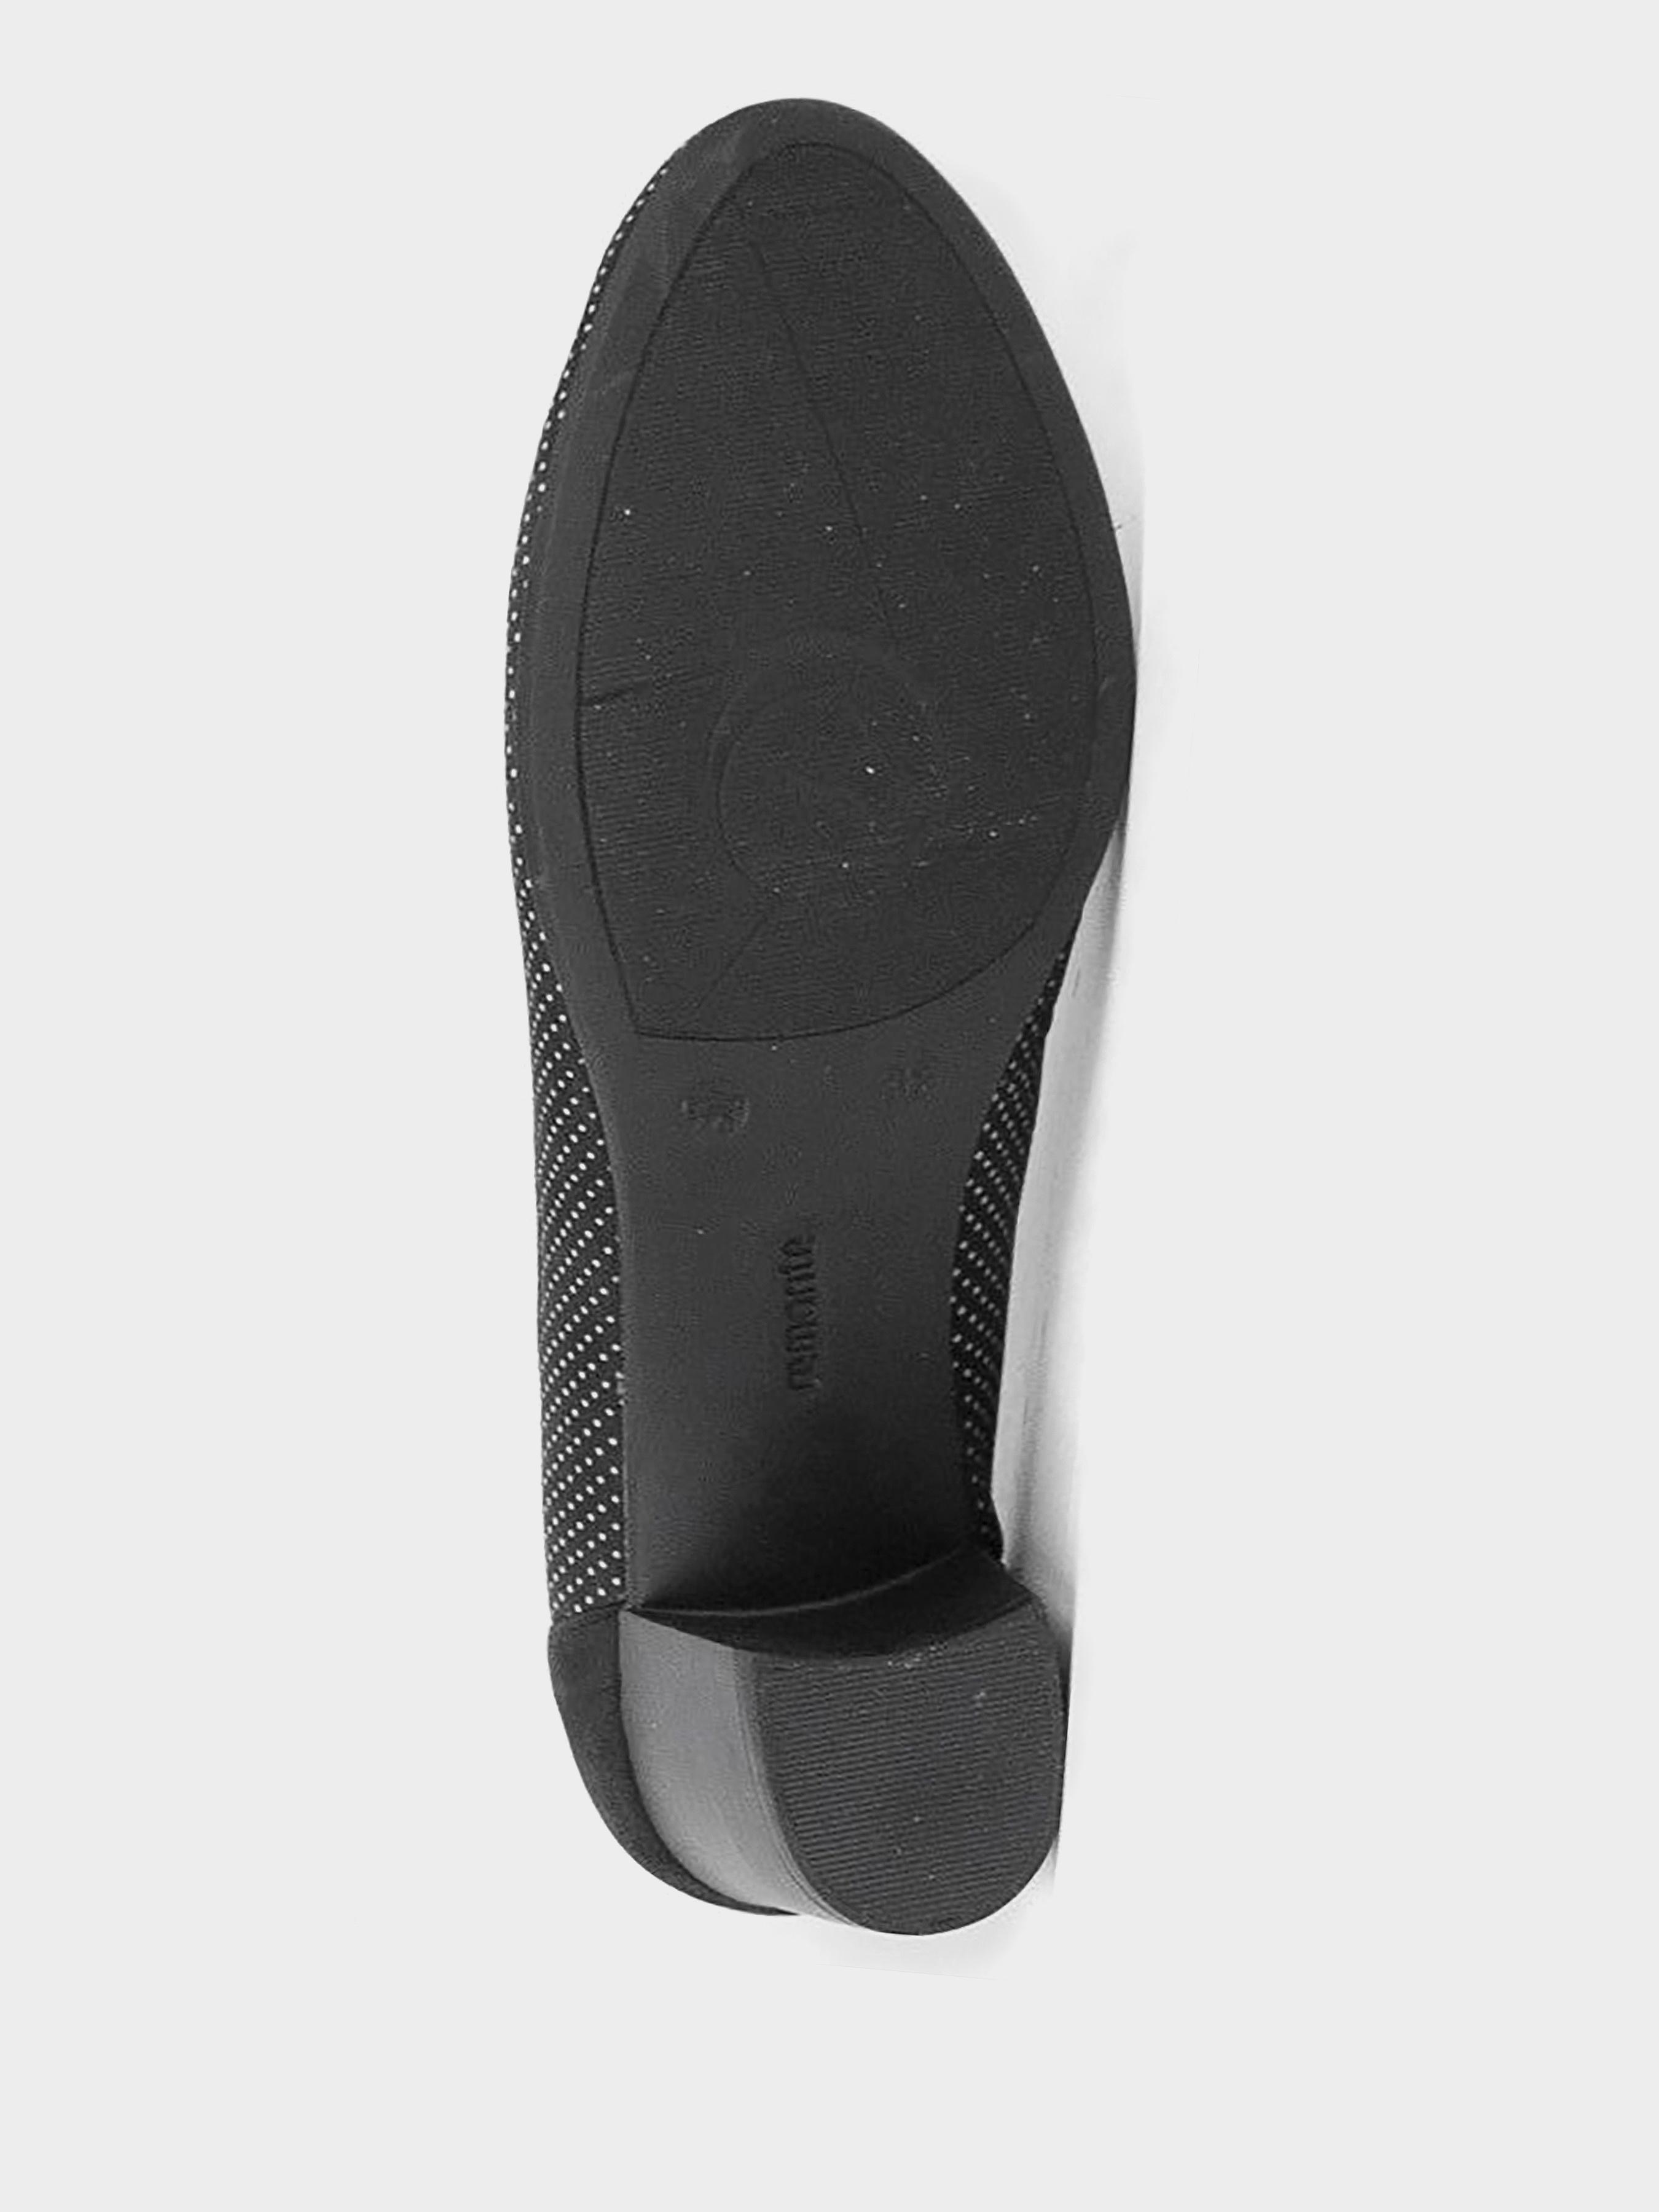 Туфли женские Remonte туфлі жін. (36-42) RD25 смотреть, 2017